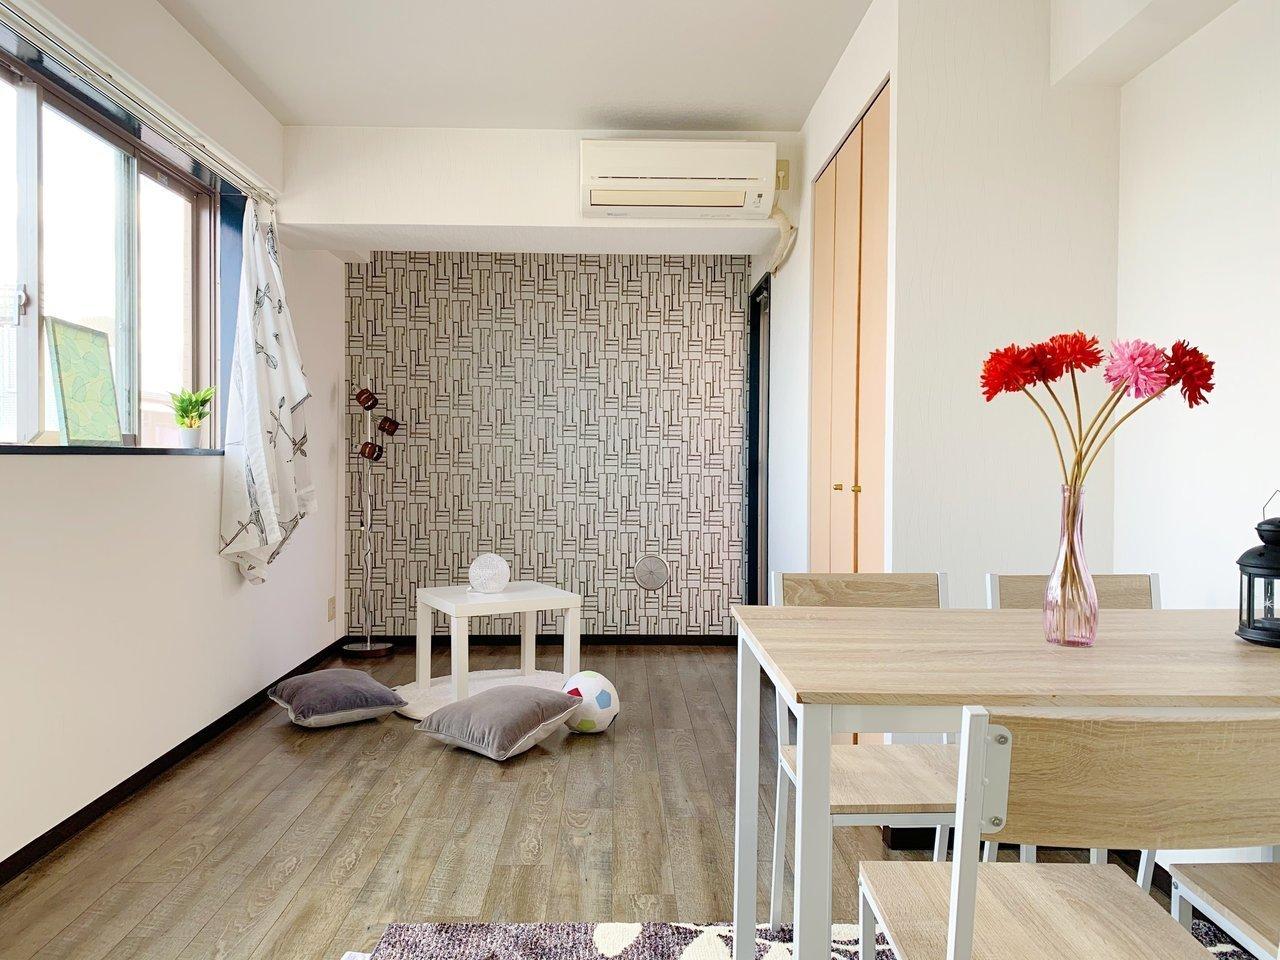 横長窓にアクセントクロスが印象的な1Kのお部屋。約9畳と一人暮らしに使いやすい広さです。